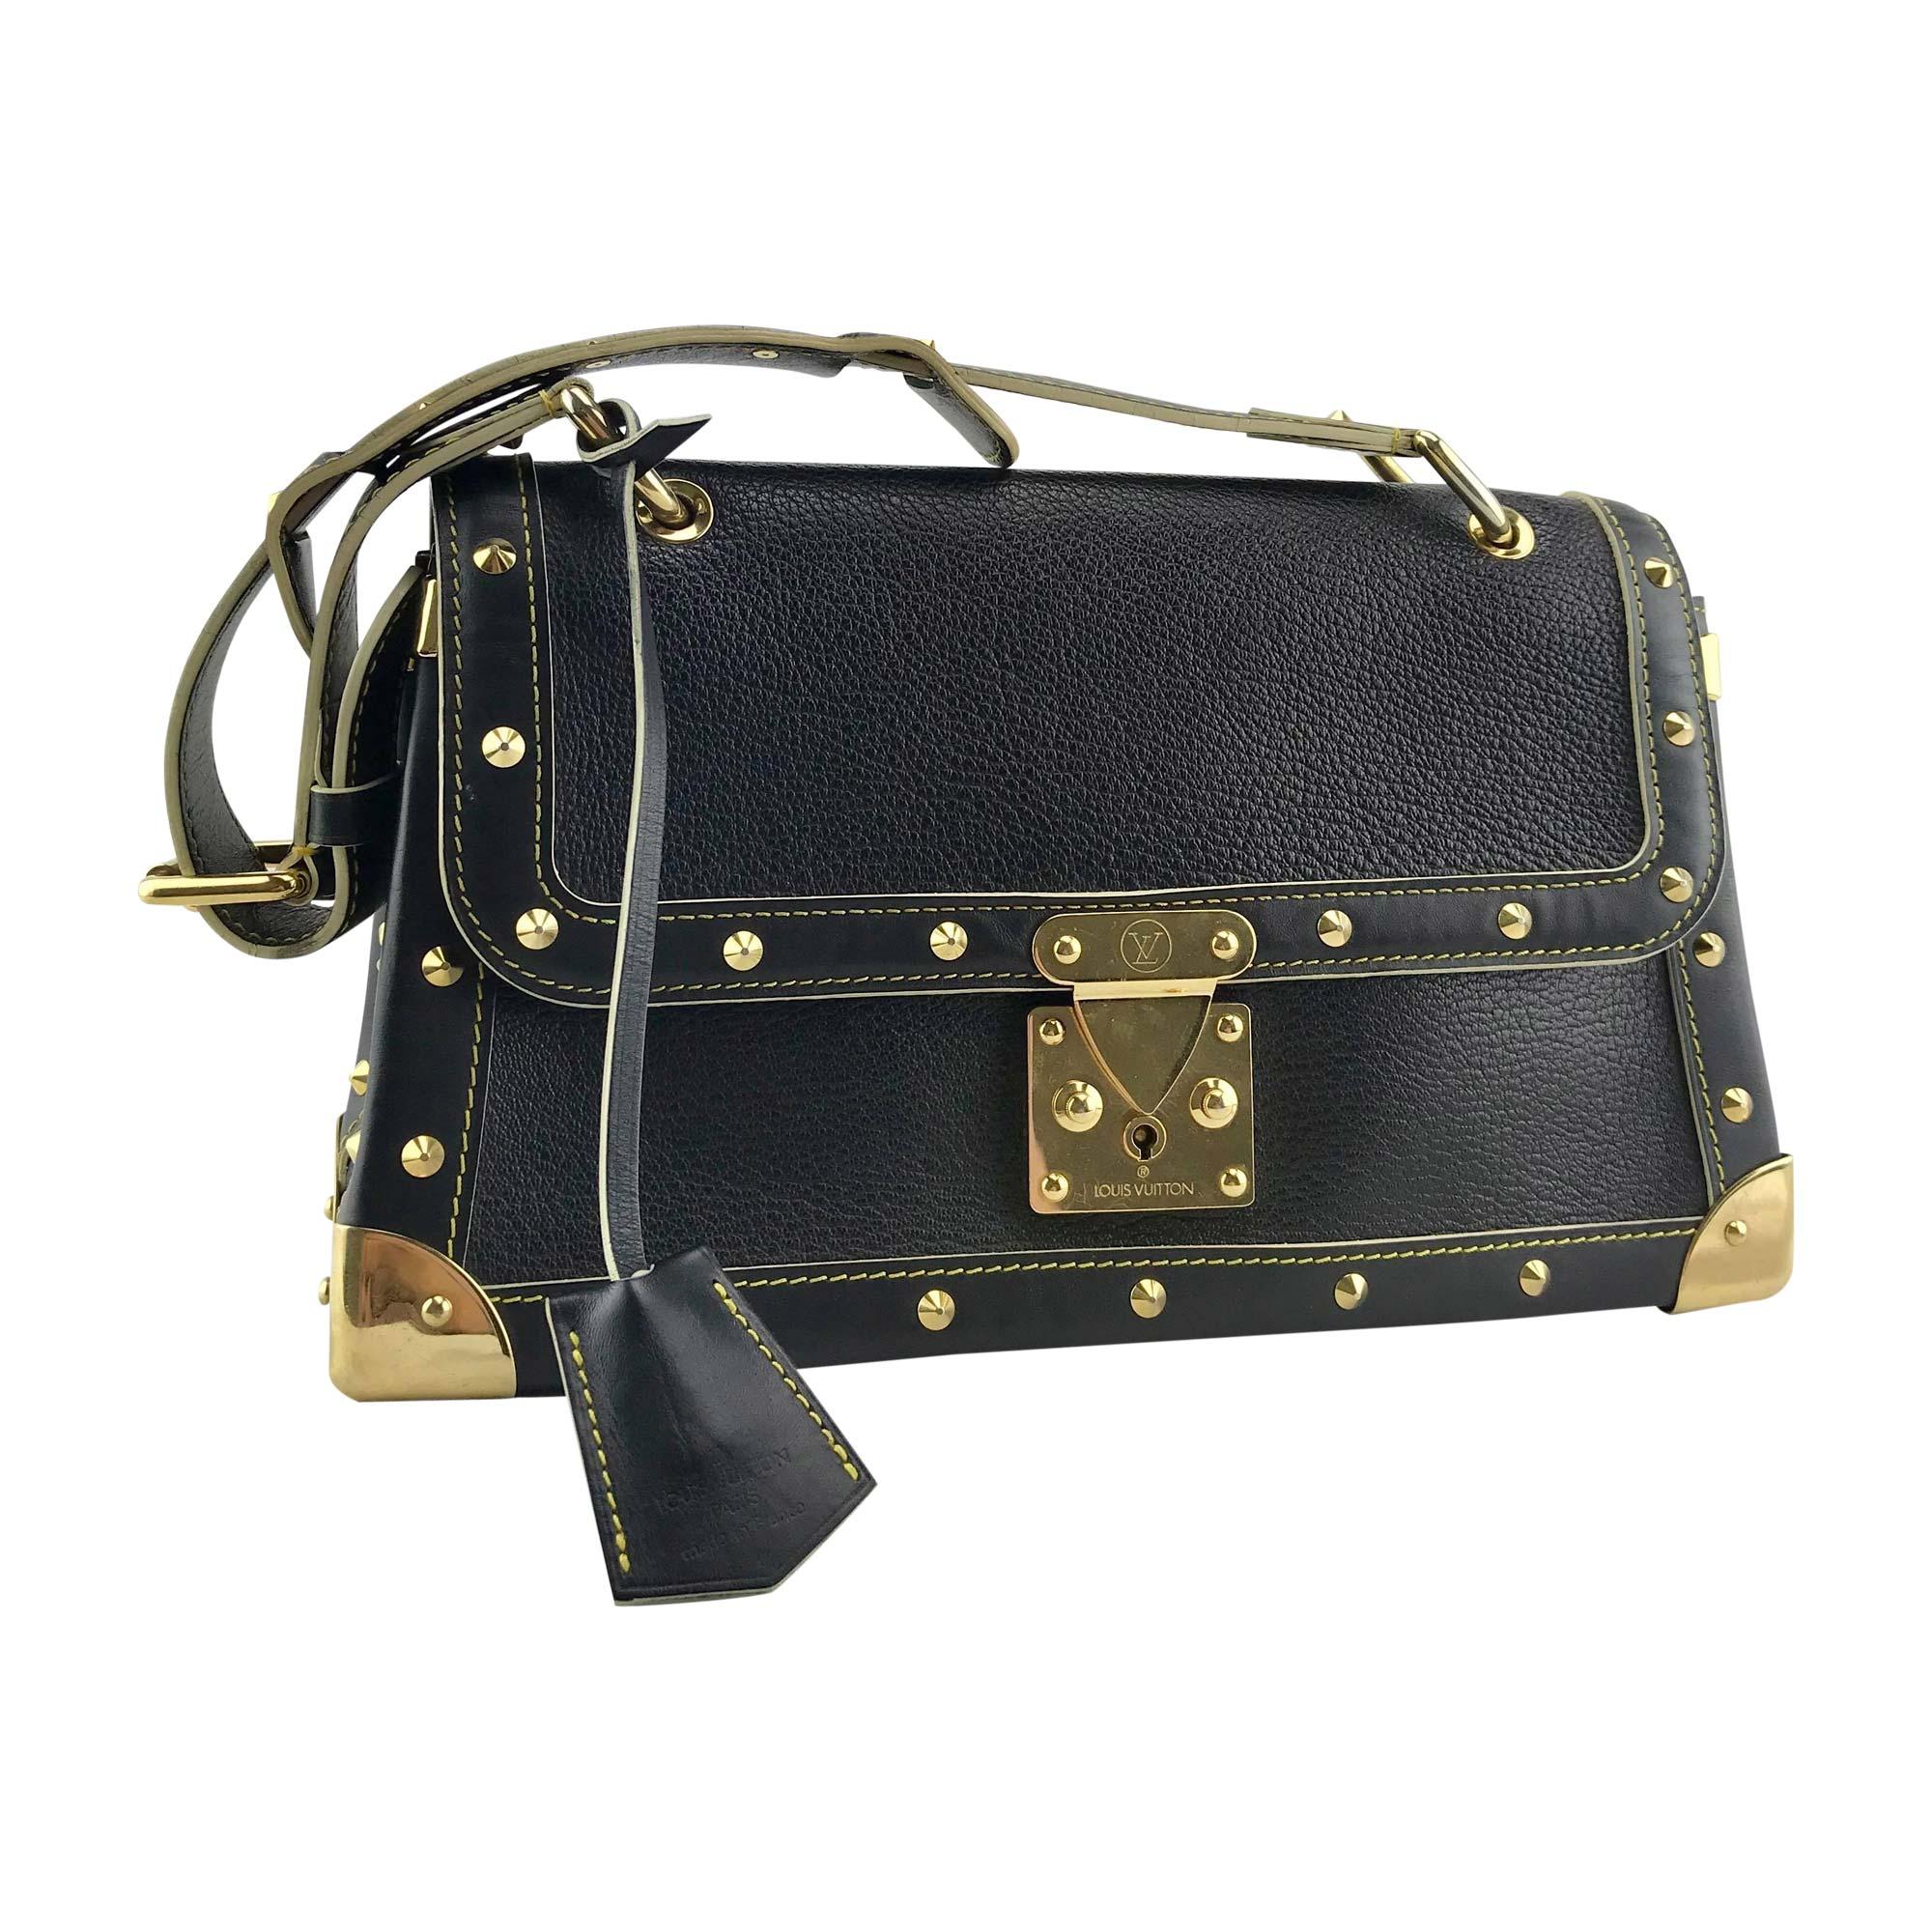 a8c3f56d0d38 Sac en bandoulière en cuir LOUIS VUITTON noir vendu par The brand ...